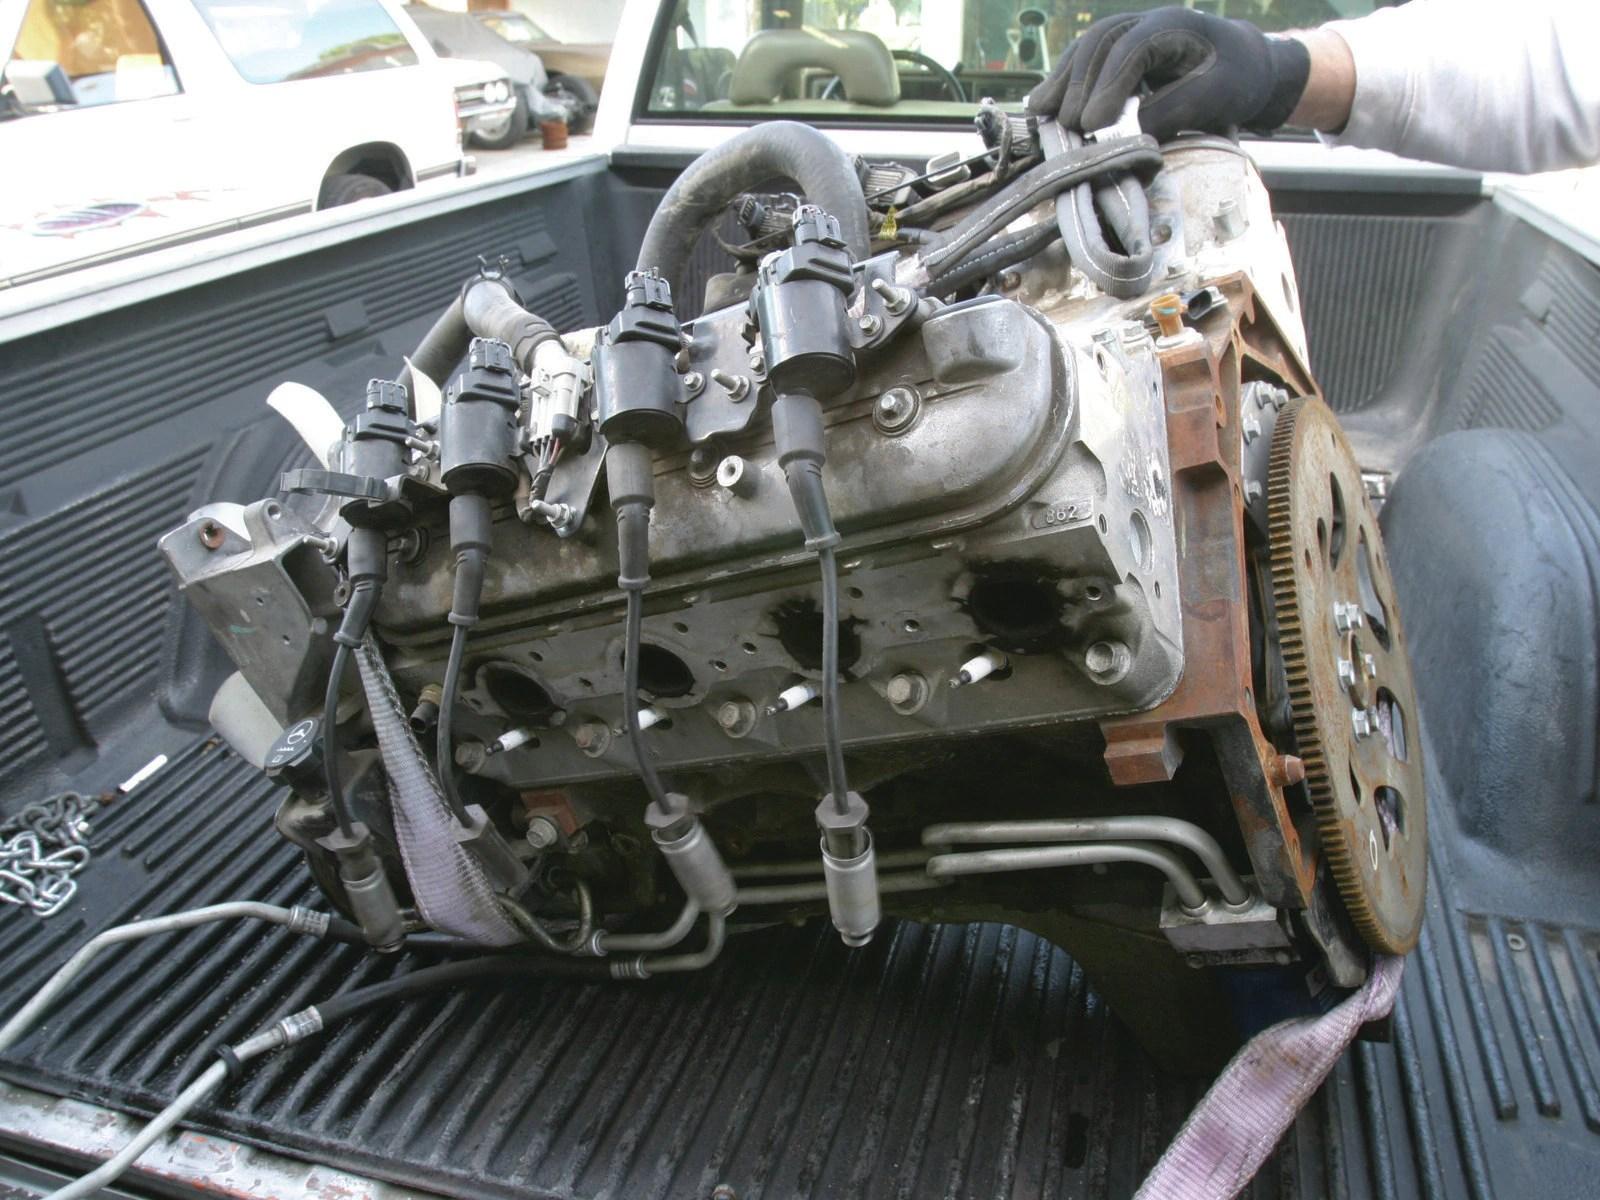 1976 Corvette Engine Compartment Diagram Budget Chevelle Ls Engine Swap Hot Rod Network